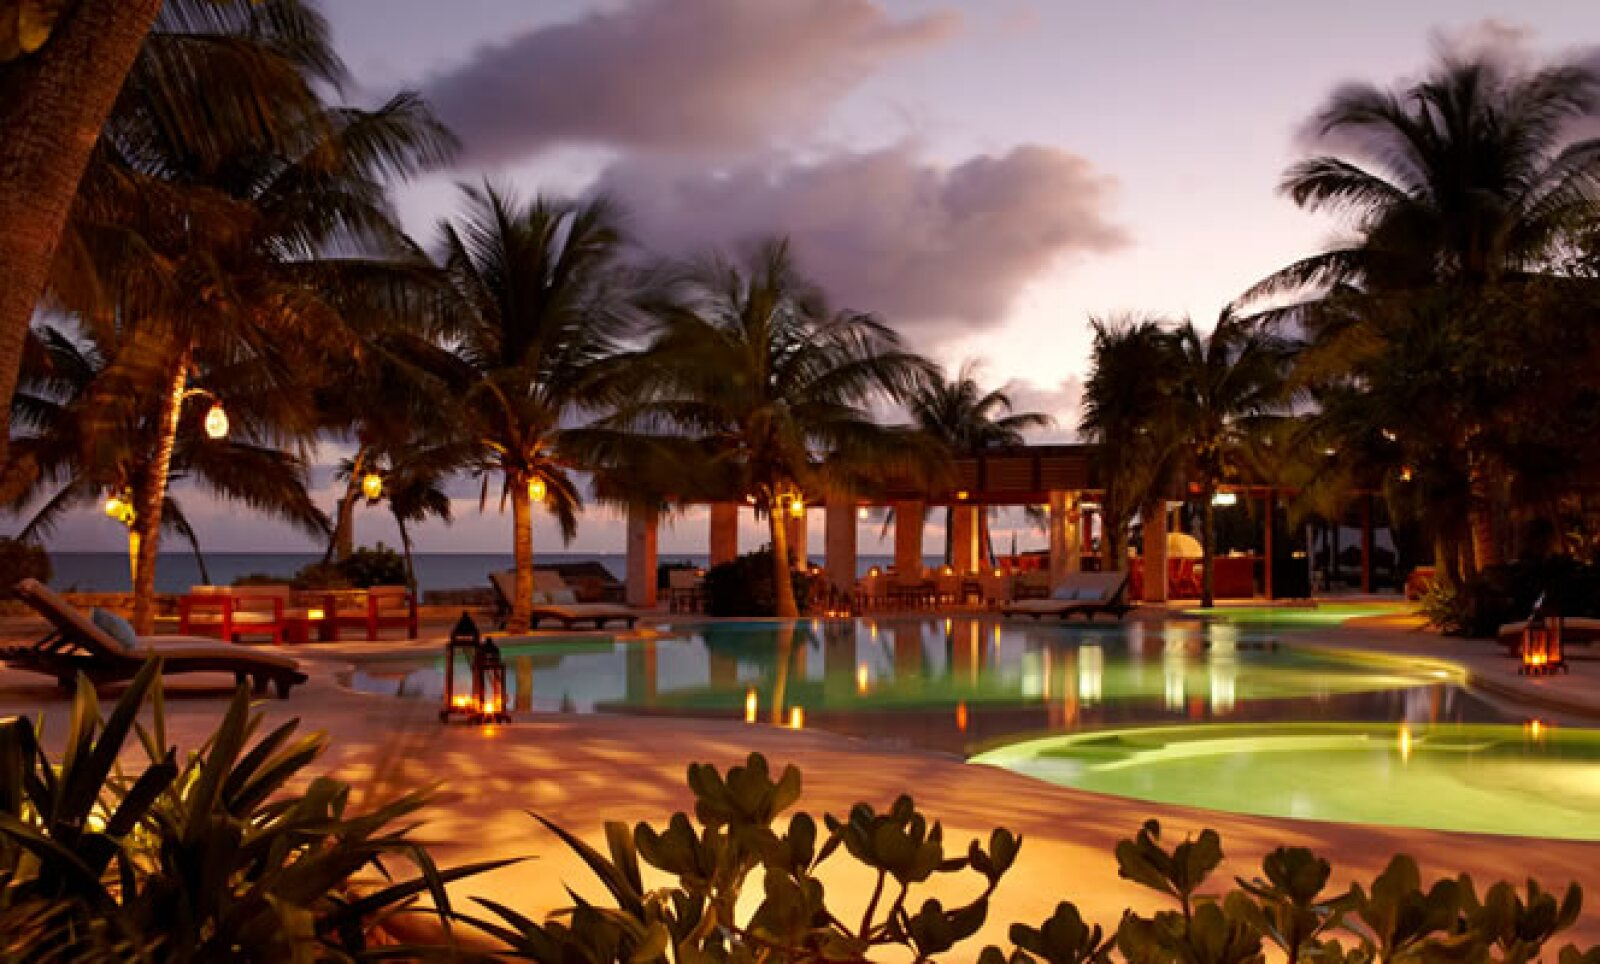 Viceroy Riviera Maya es un exclusivo resort de lujo situado en las turquesas aguas del Caribe y sumergido en la enigmática selva de este locación.